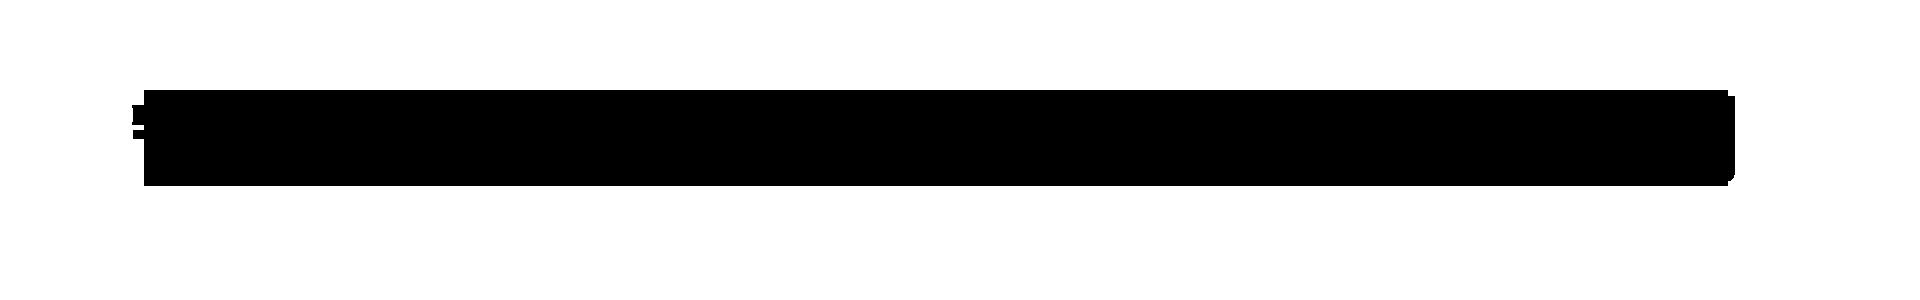 宁夏欧阳泰安工程服务bet36被骗怎么办_bet36备用地址_bet36体育在线投注